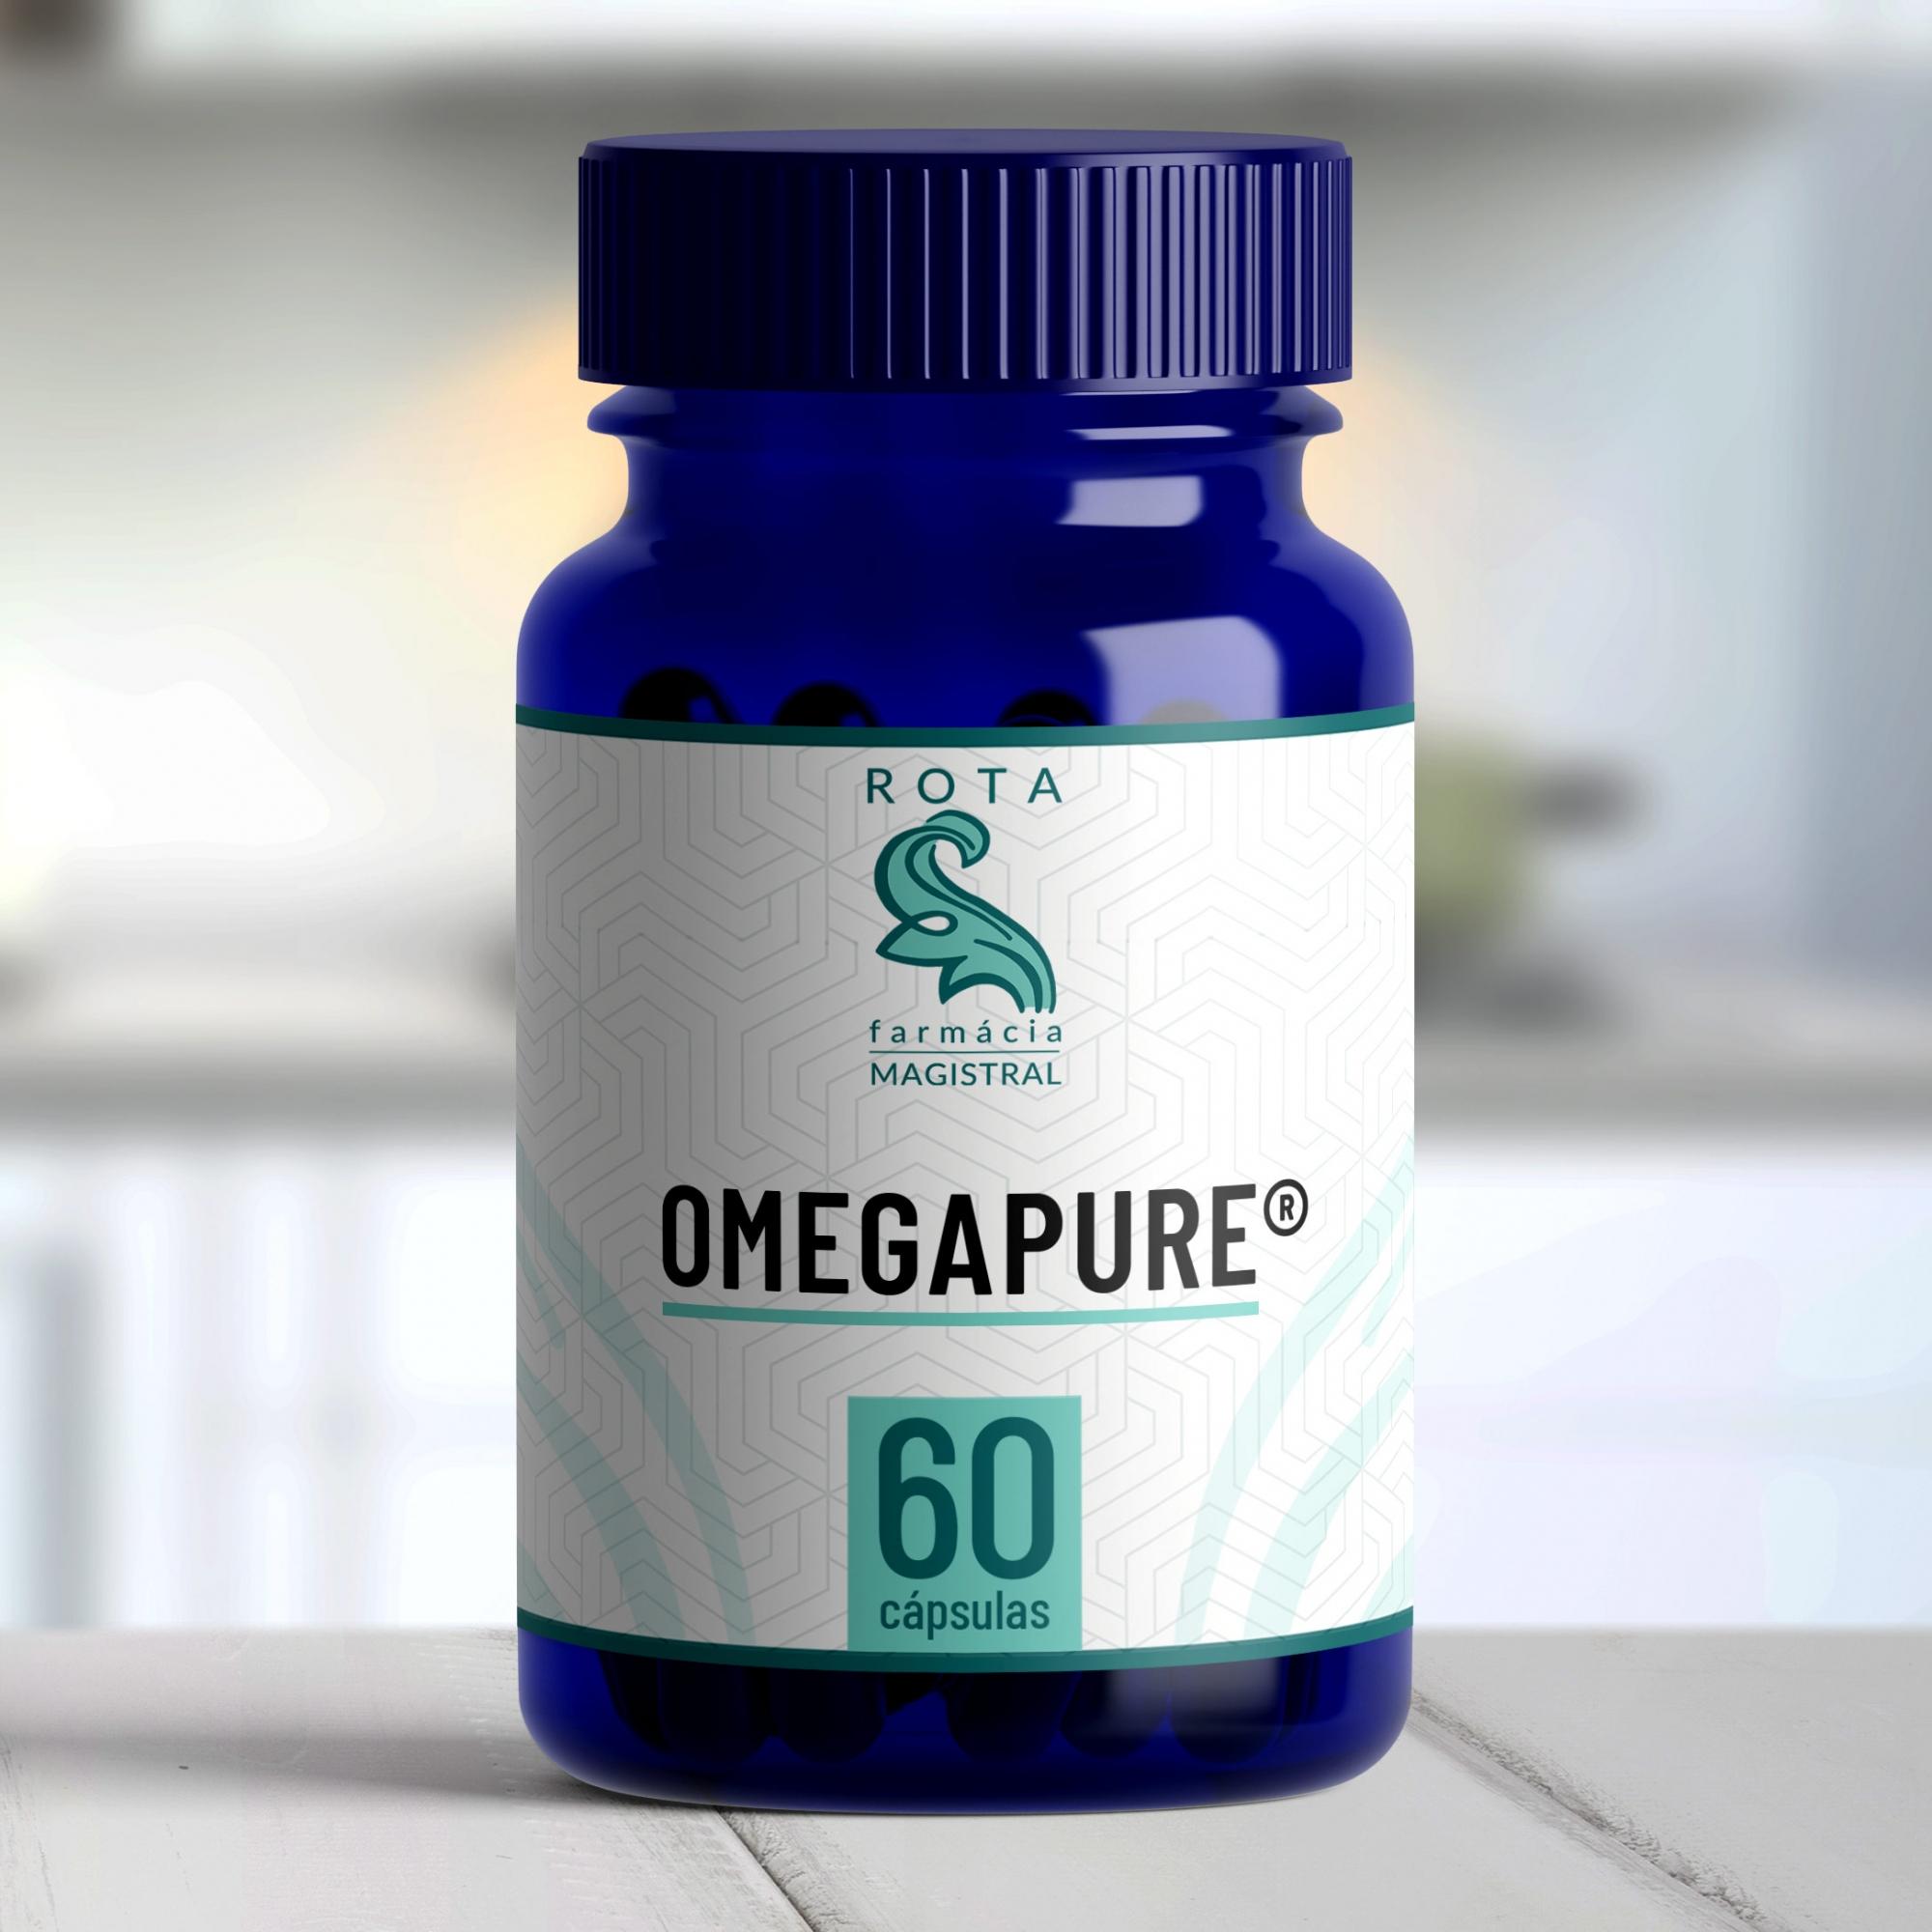 OmegaPURE ® 60 cápsulas